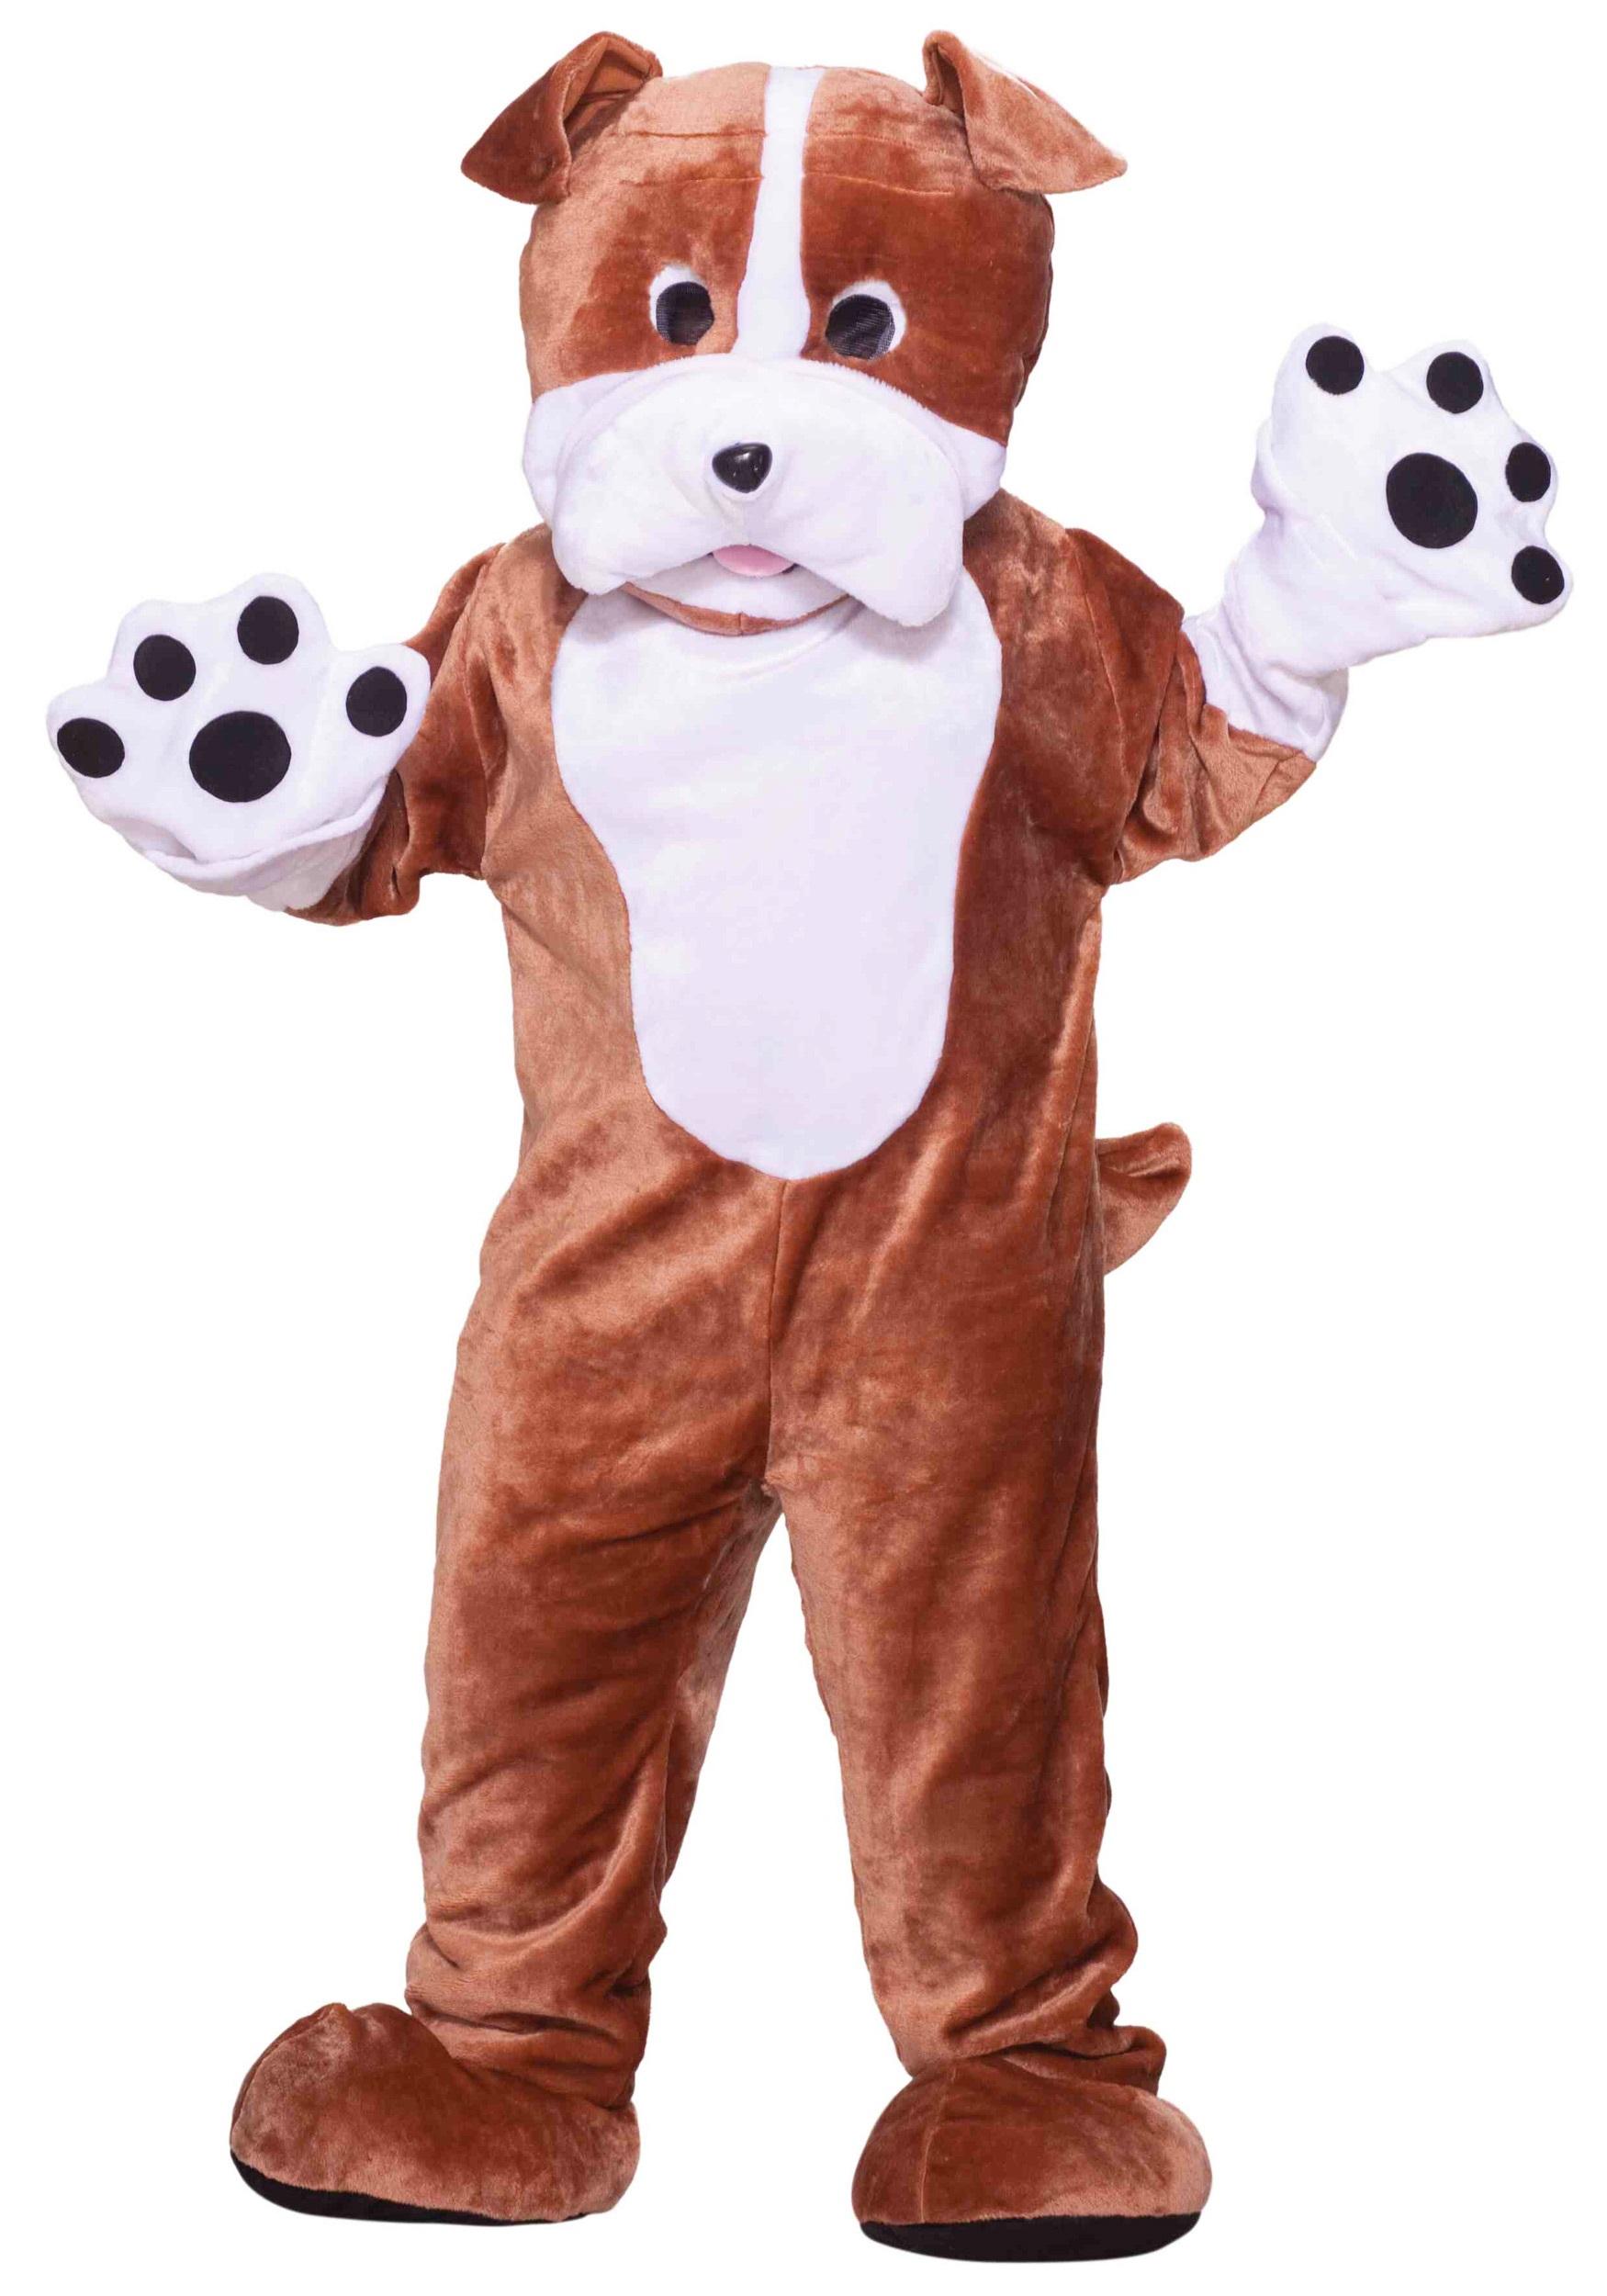 Plush Bulldog Mascot Costume